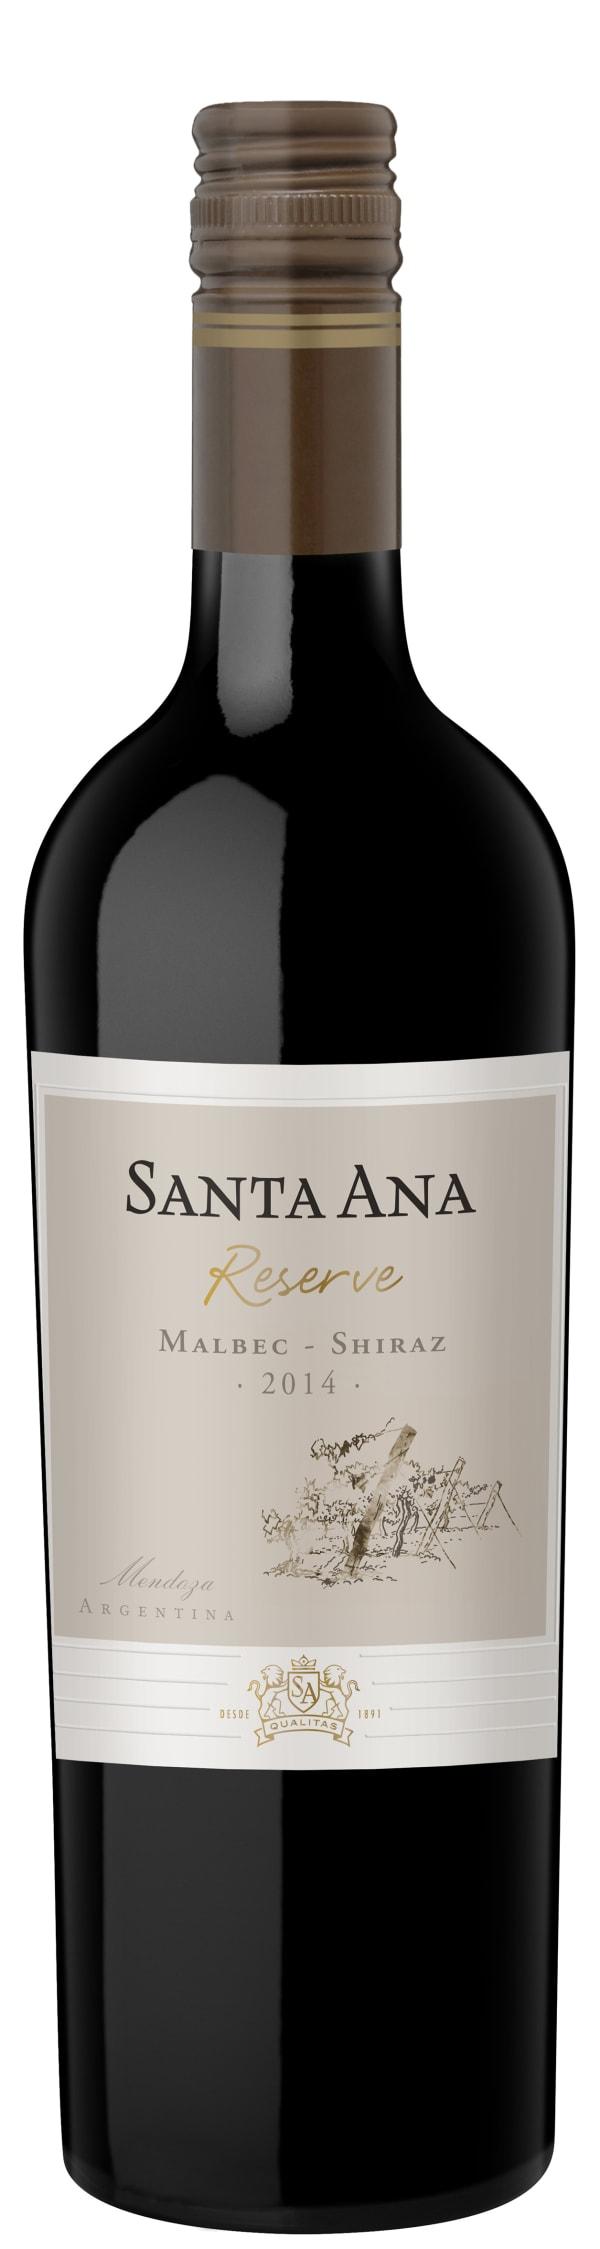 Santa Ana Reserve Malbec Shiraz 2015